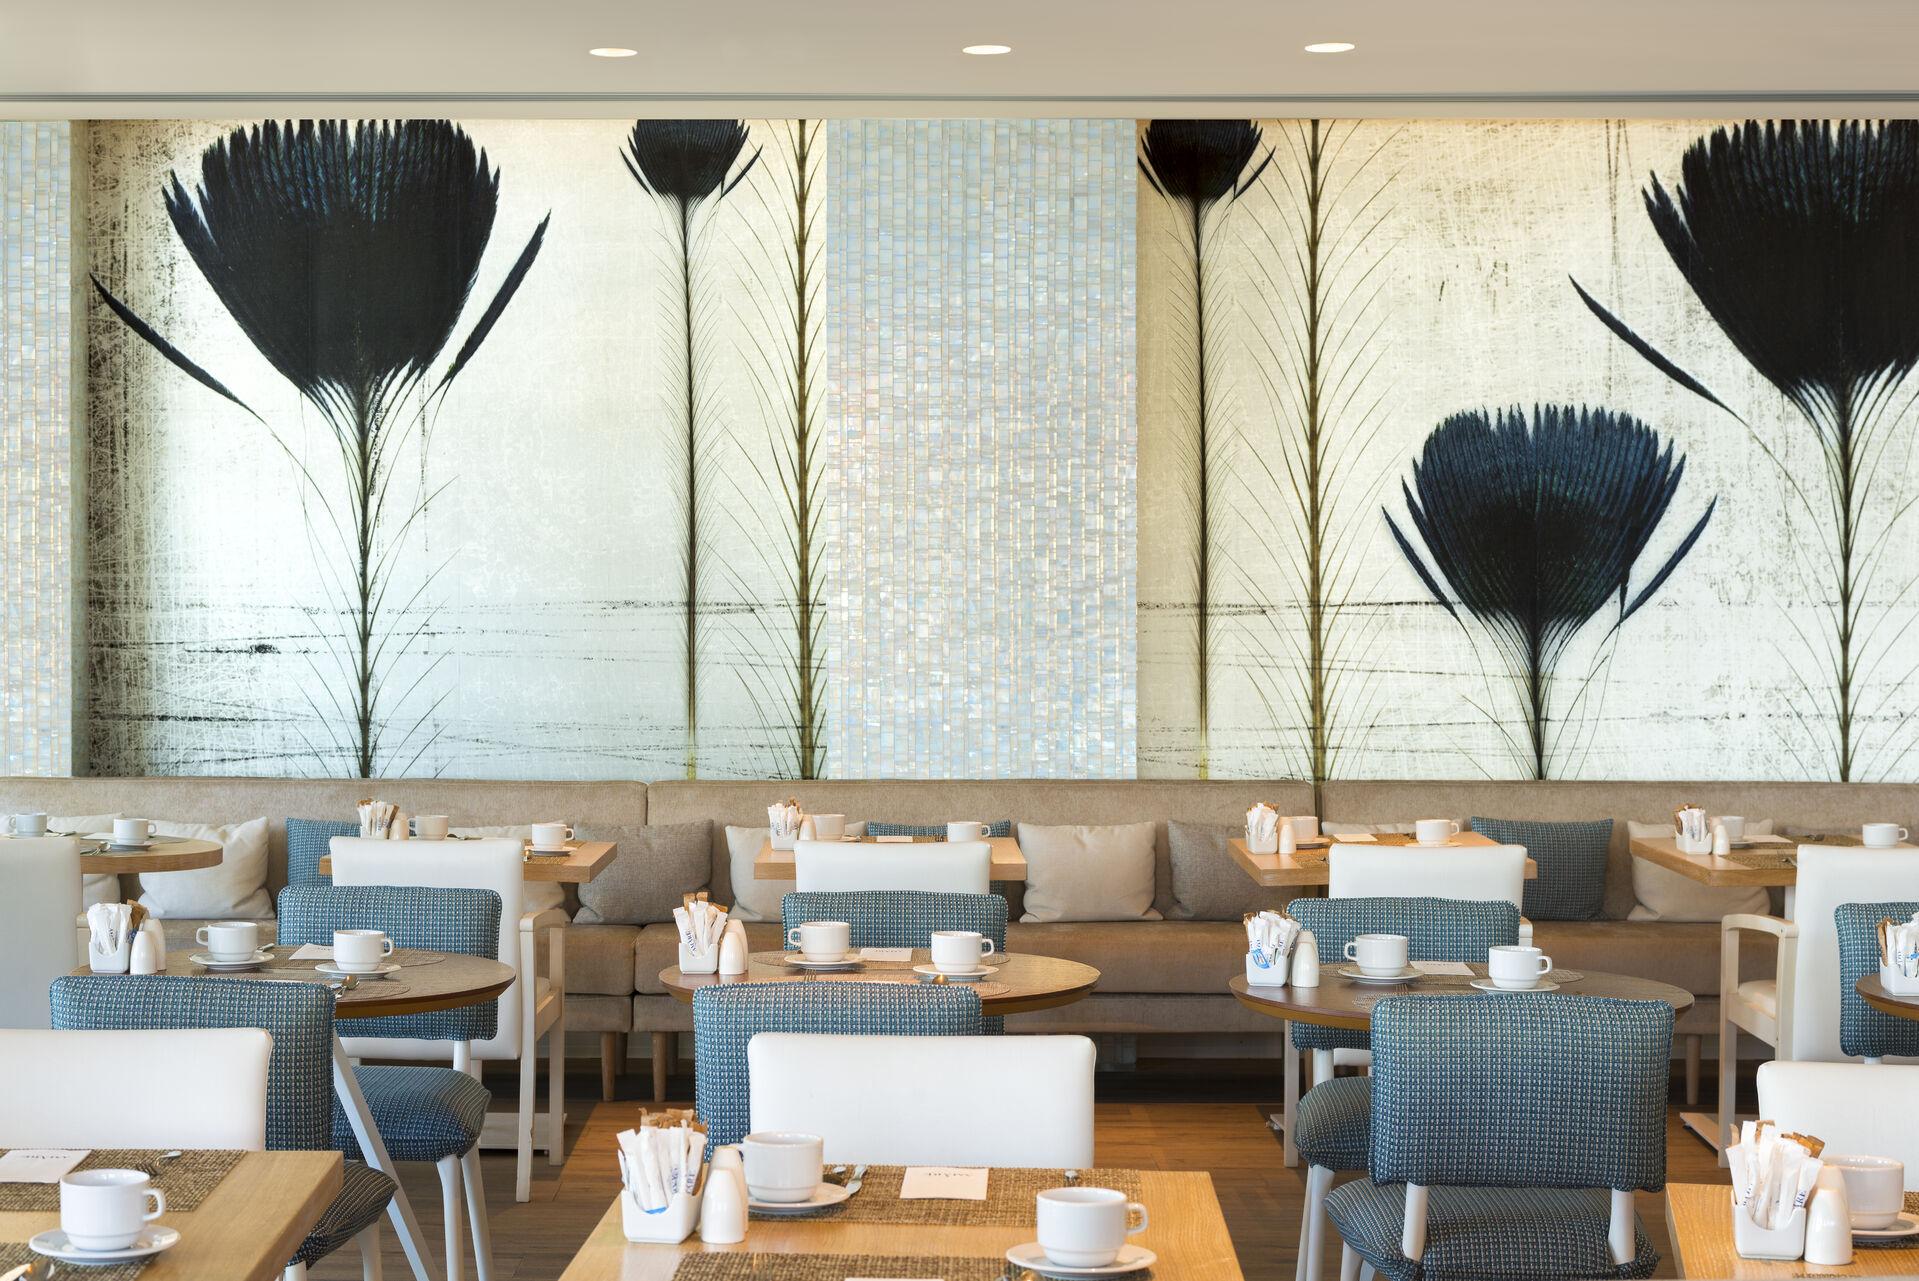 https://cms.satur.sk/data/imgs/tour_image/orig/amare-marbella-restaurante-mare-nostrum-8-1972158.jpg